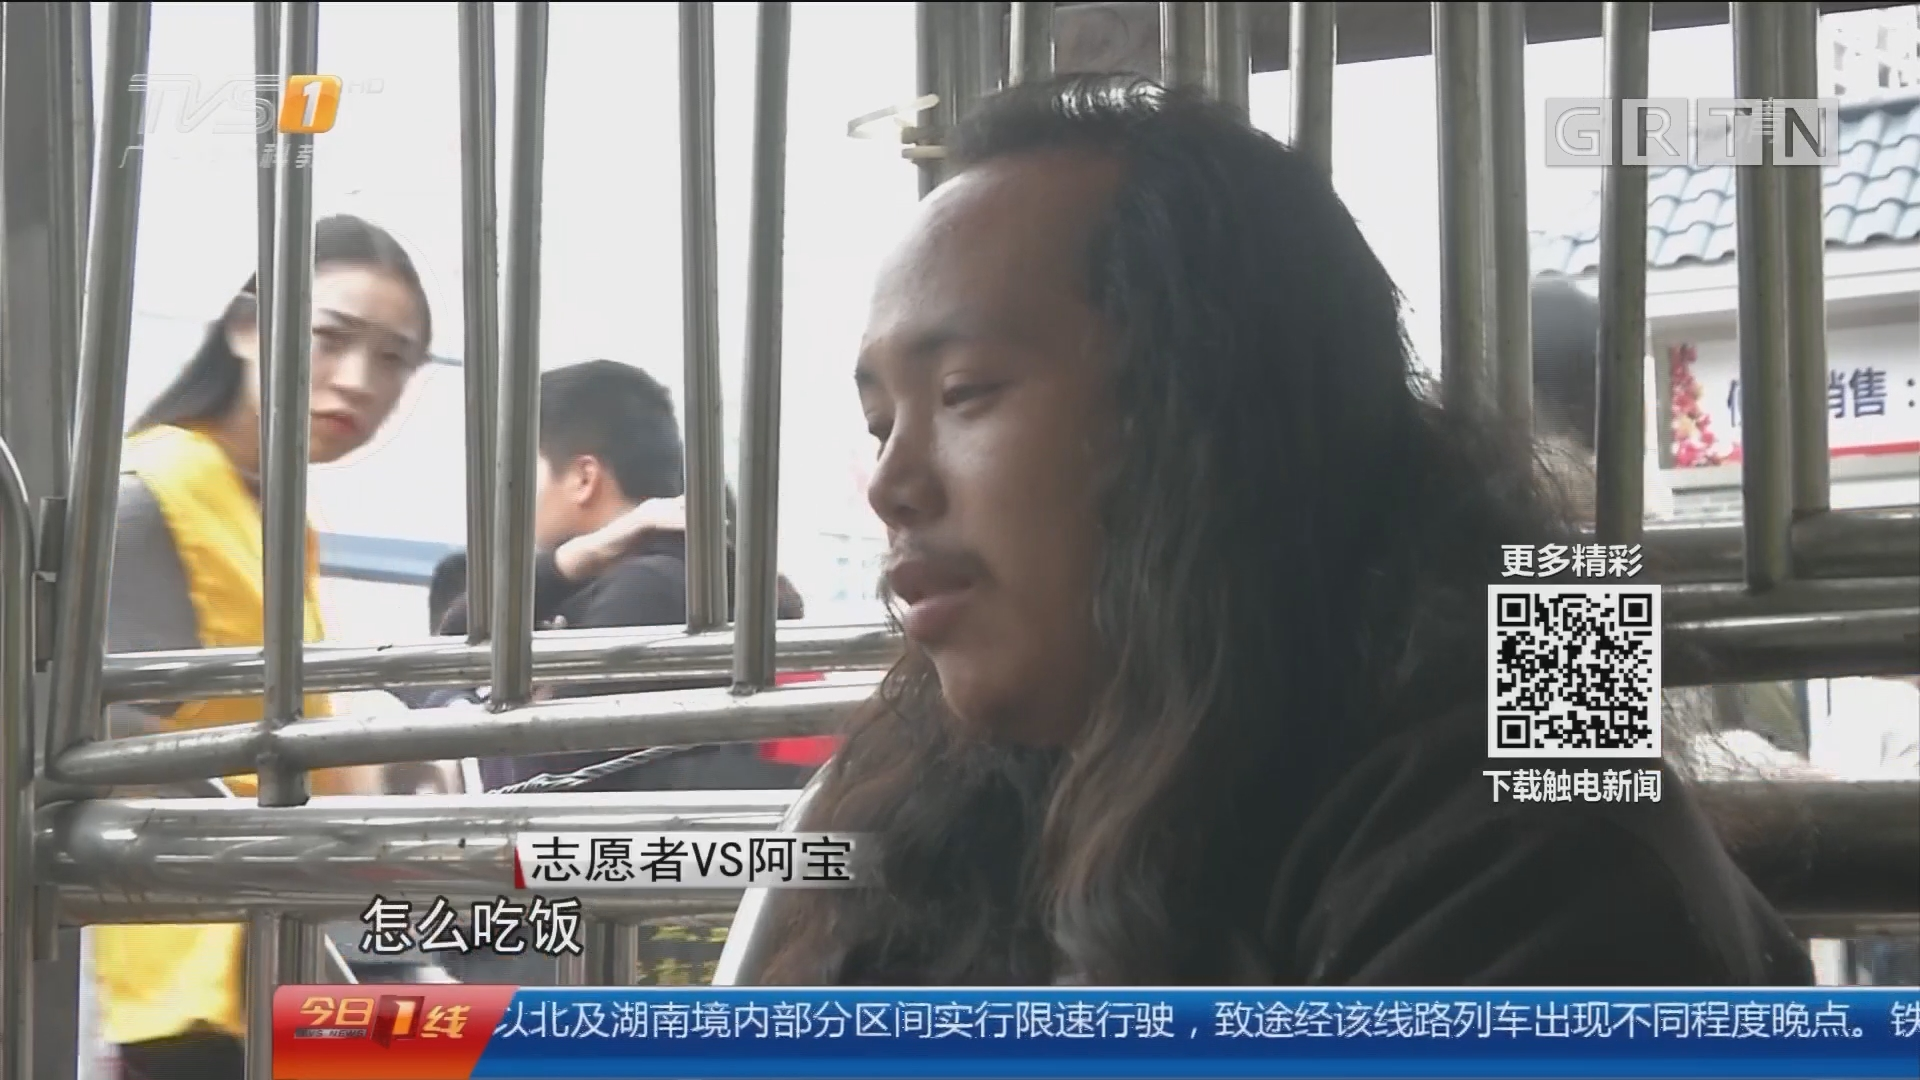 广州:流浪街头十载 志愿者助其踏上归途